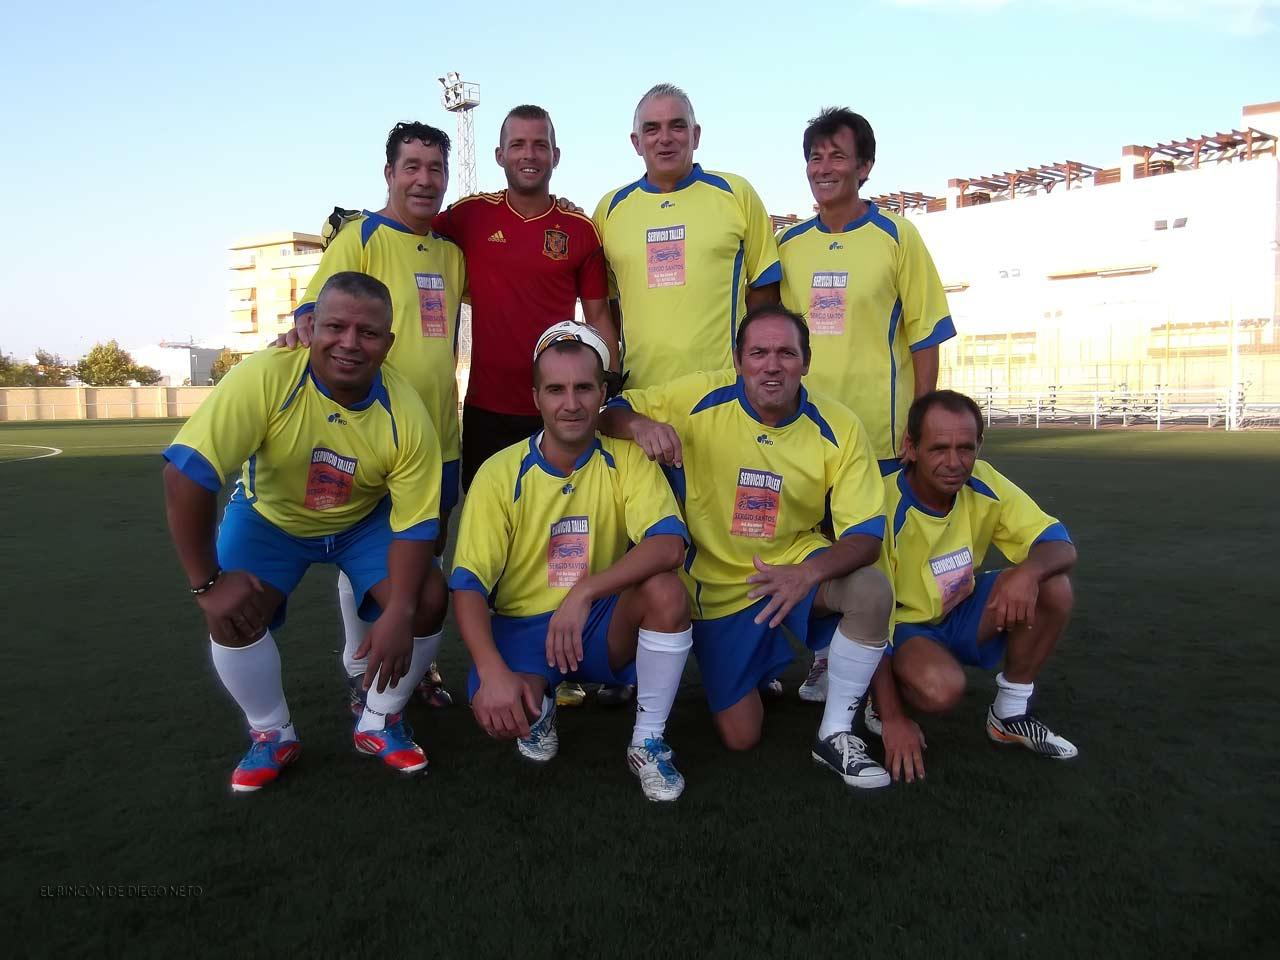 IV Torneo de Veteranos de Fútbol 7 Nuestra Señora del Carmen